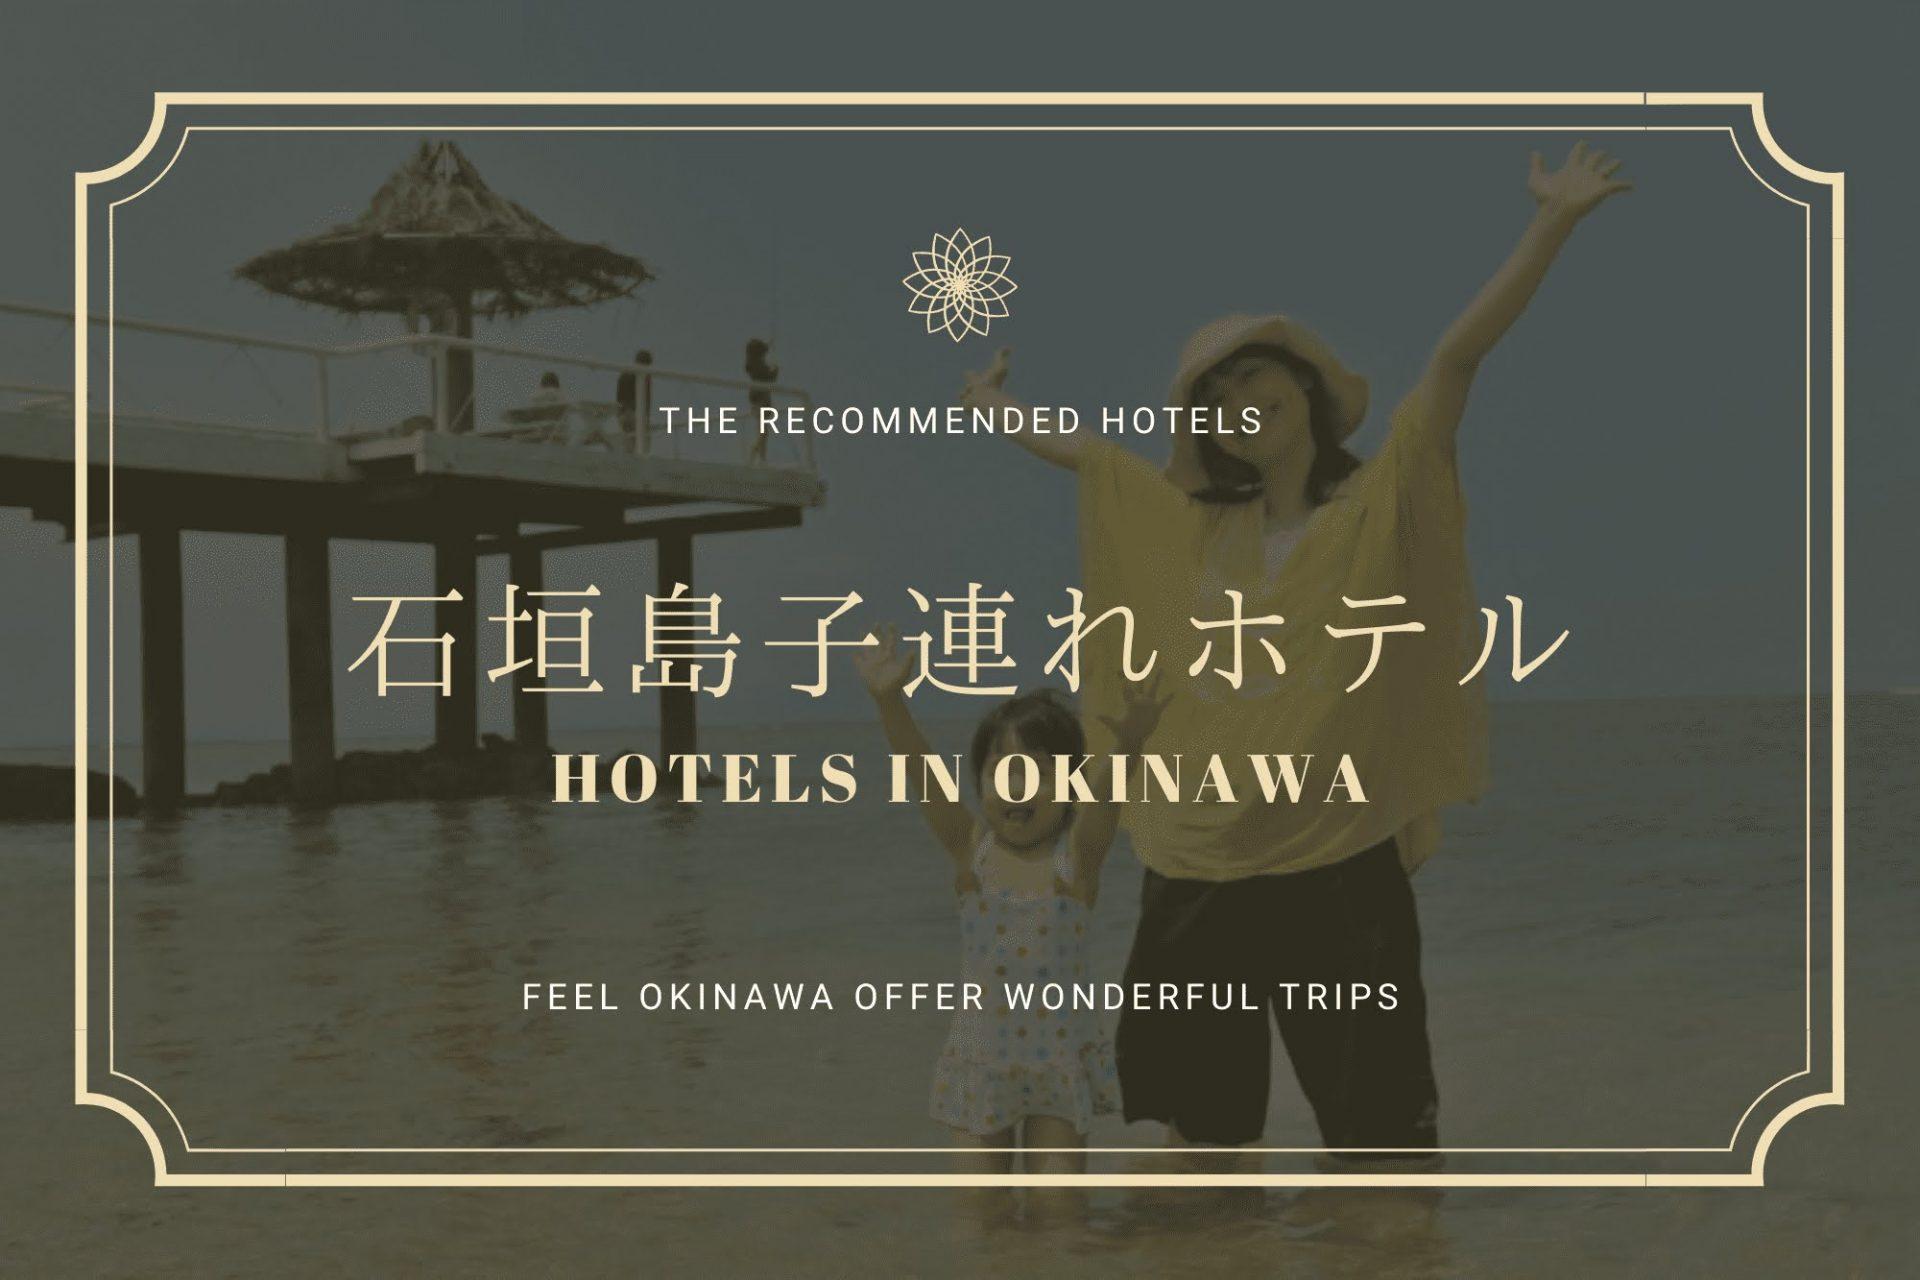 石垣島 ホテル 子連れ おすすめ 旅行 観光 沖縄 離島